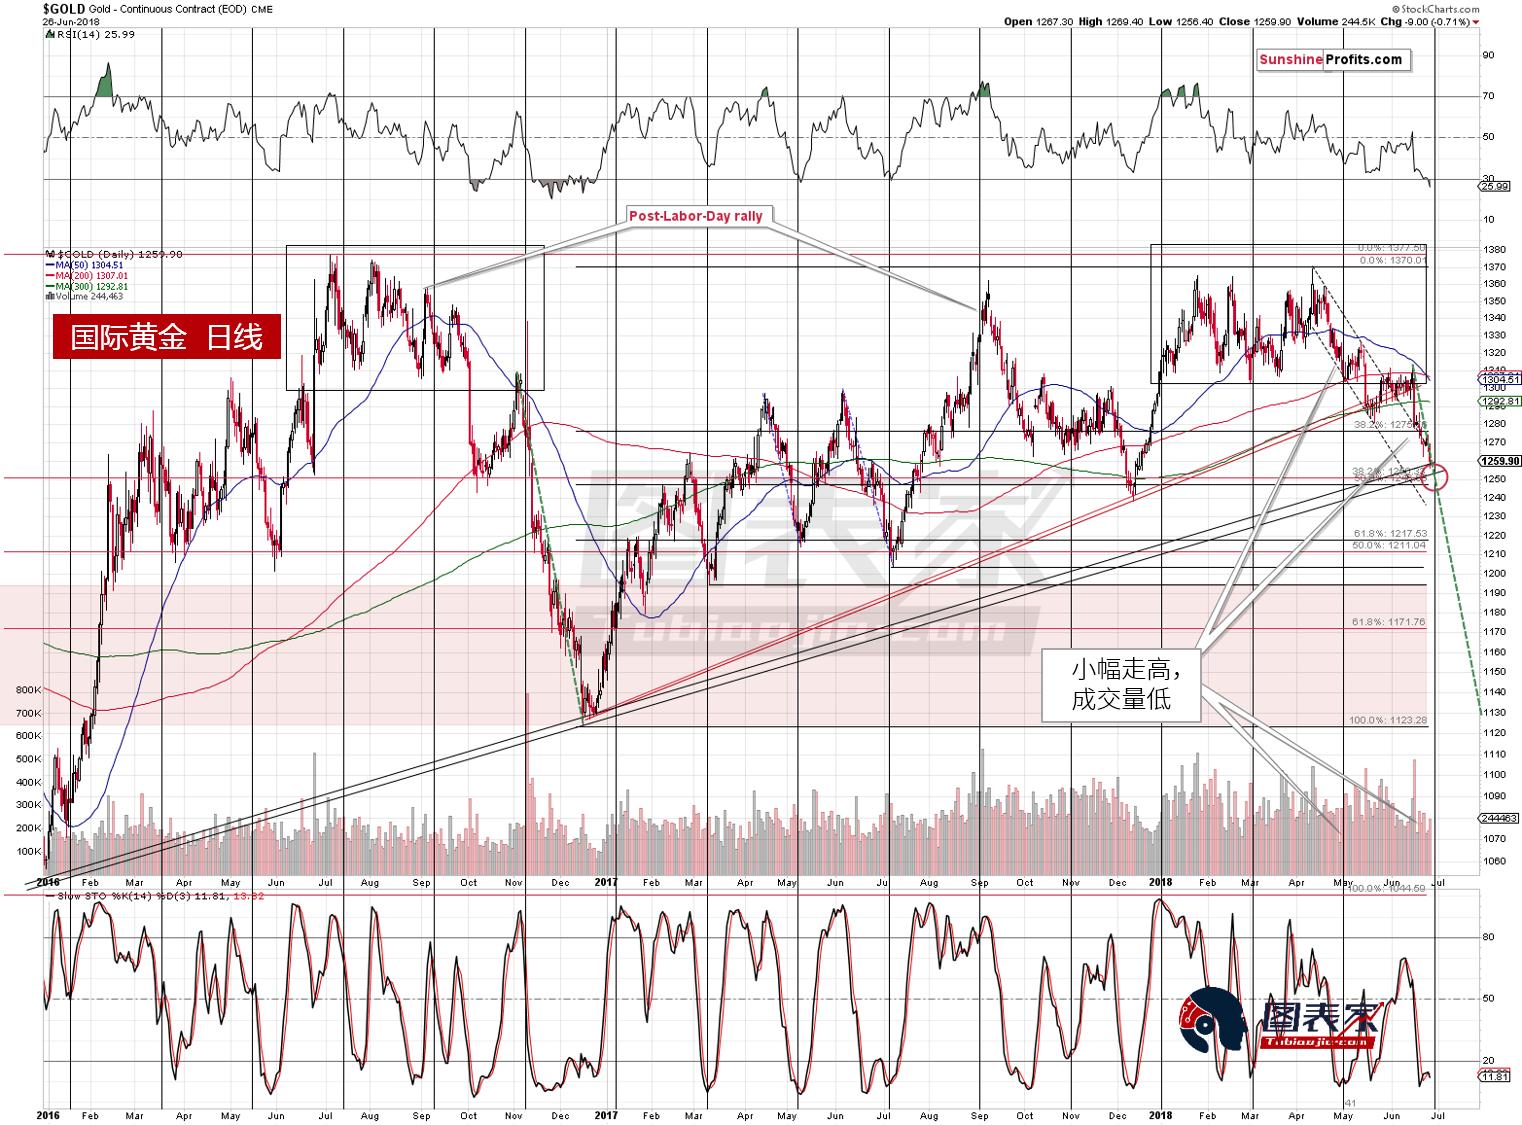 从长期角度而言,金价已经触及上升趋势线(下图红色虚线),或已在周二低点1254附近形成底部。